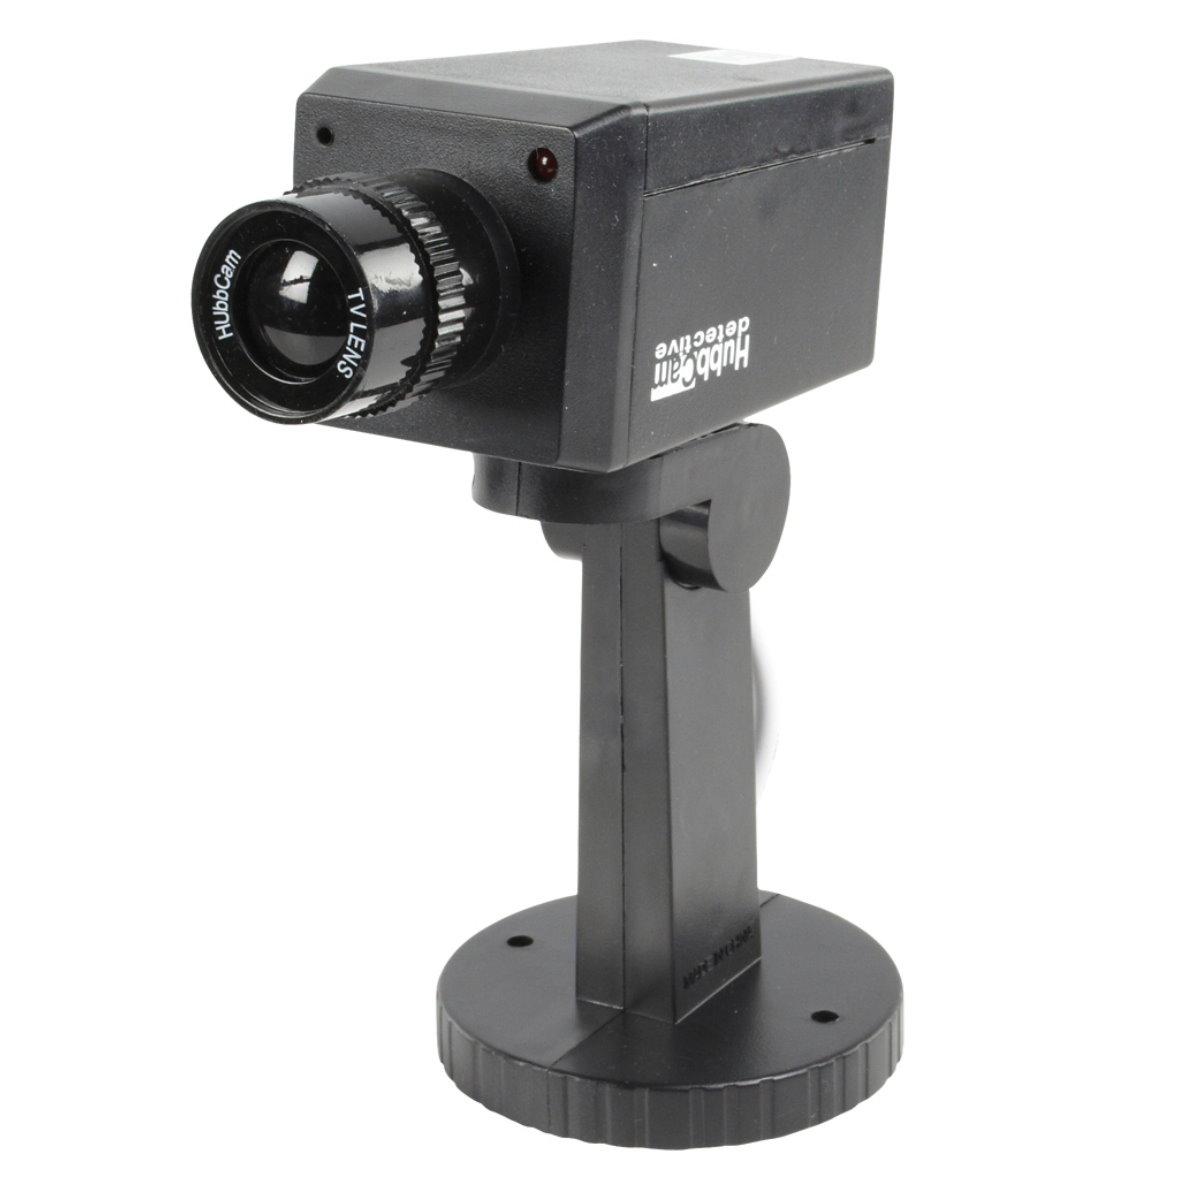 kamera dummy attrappe berwachungskamera alarmanlage camera schwarz silber cam ebay. Black Bedroom Furniture Sets. Home Design Ideas